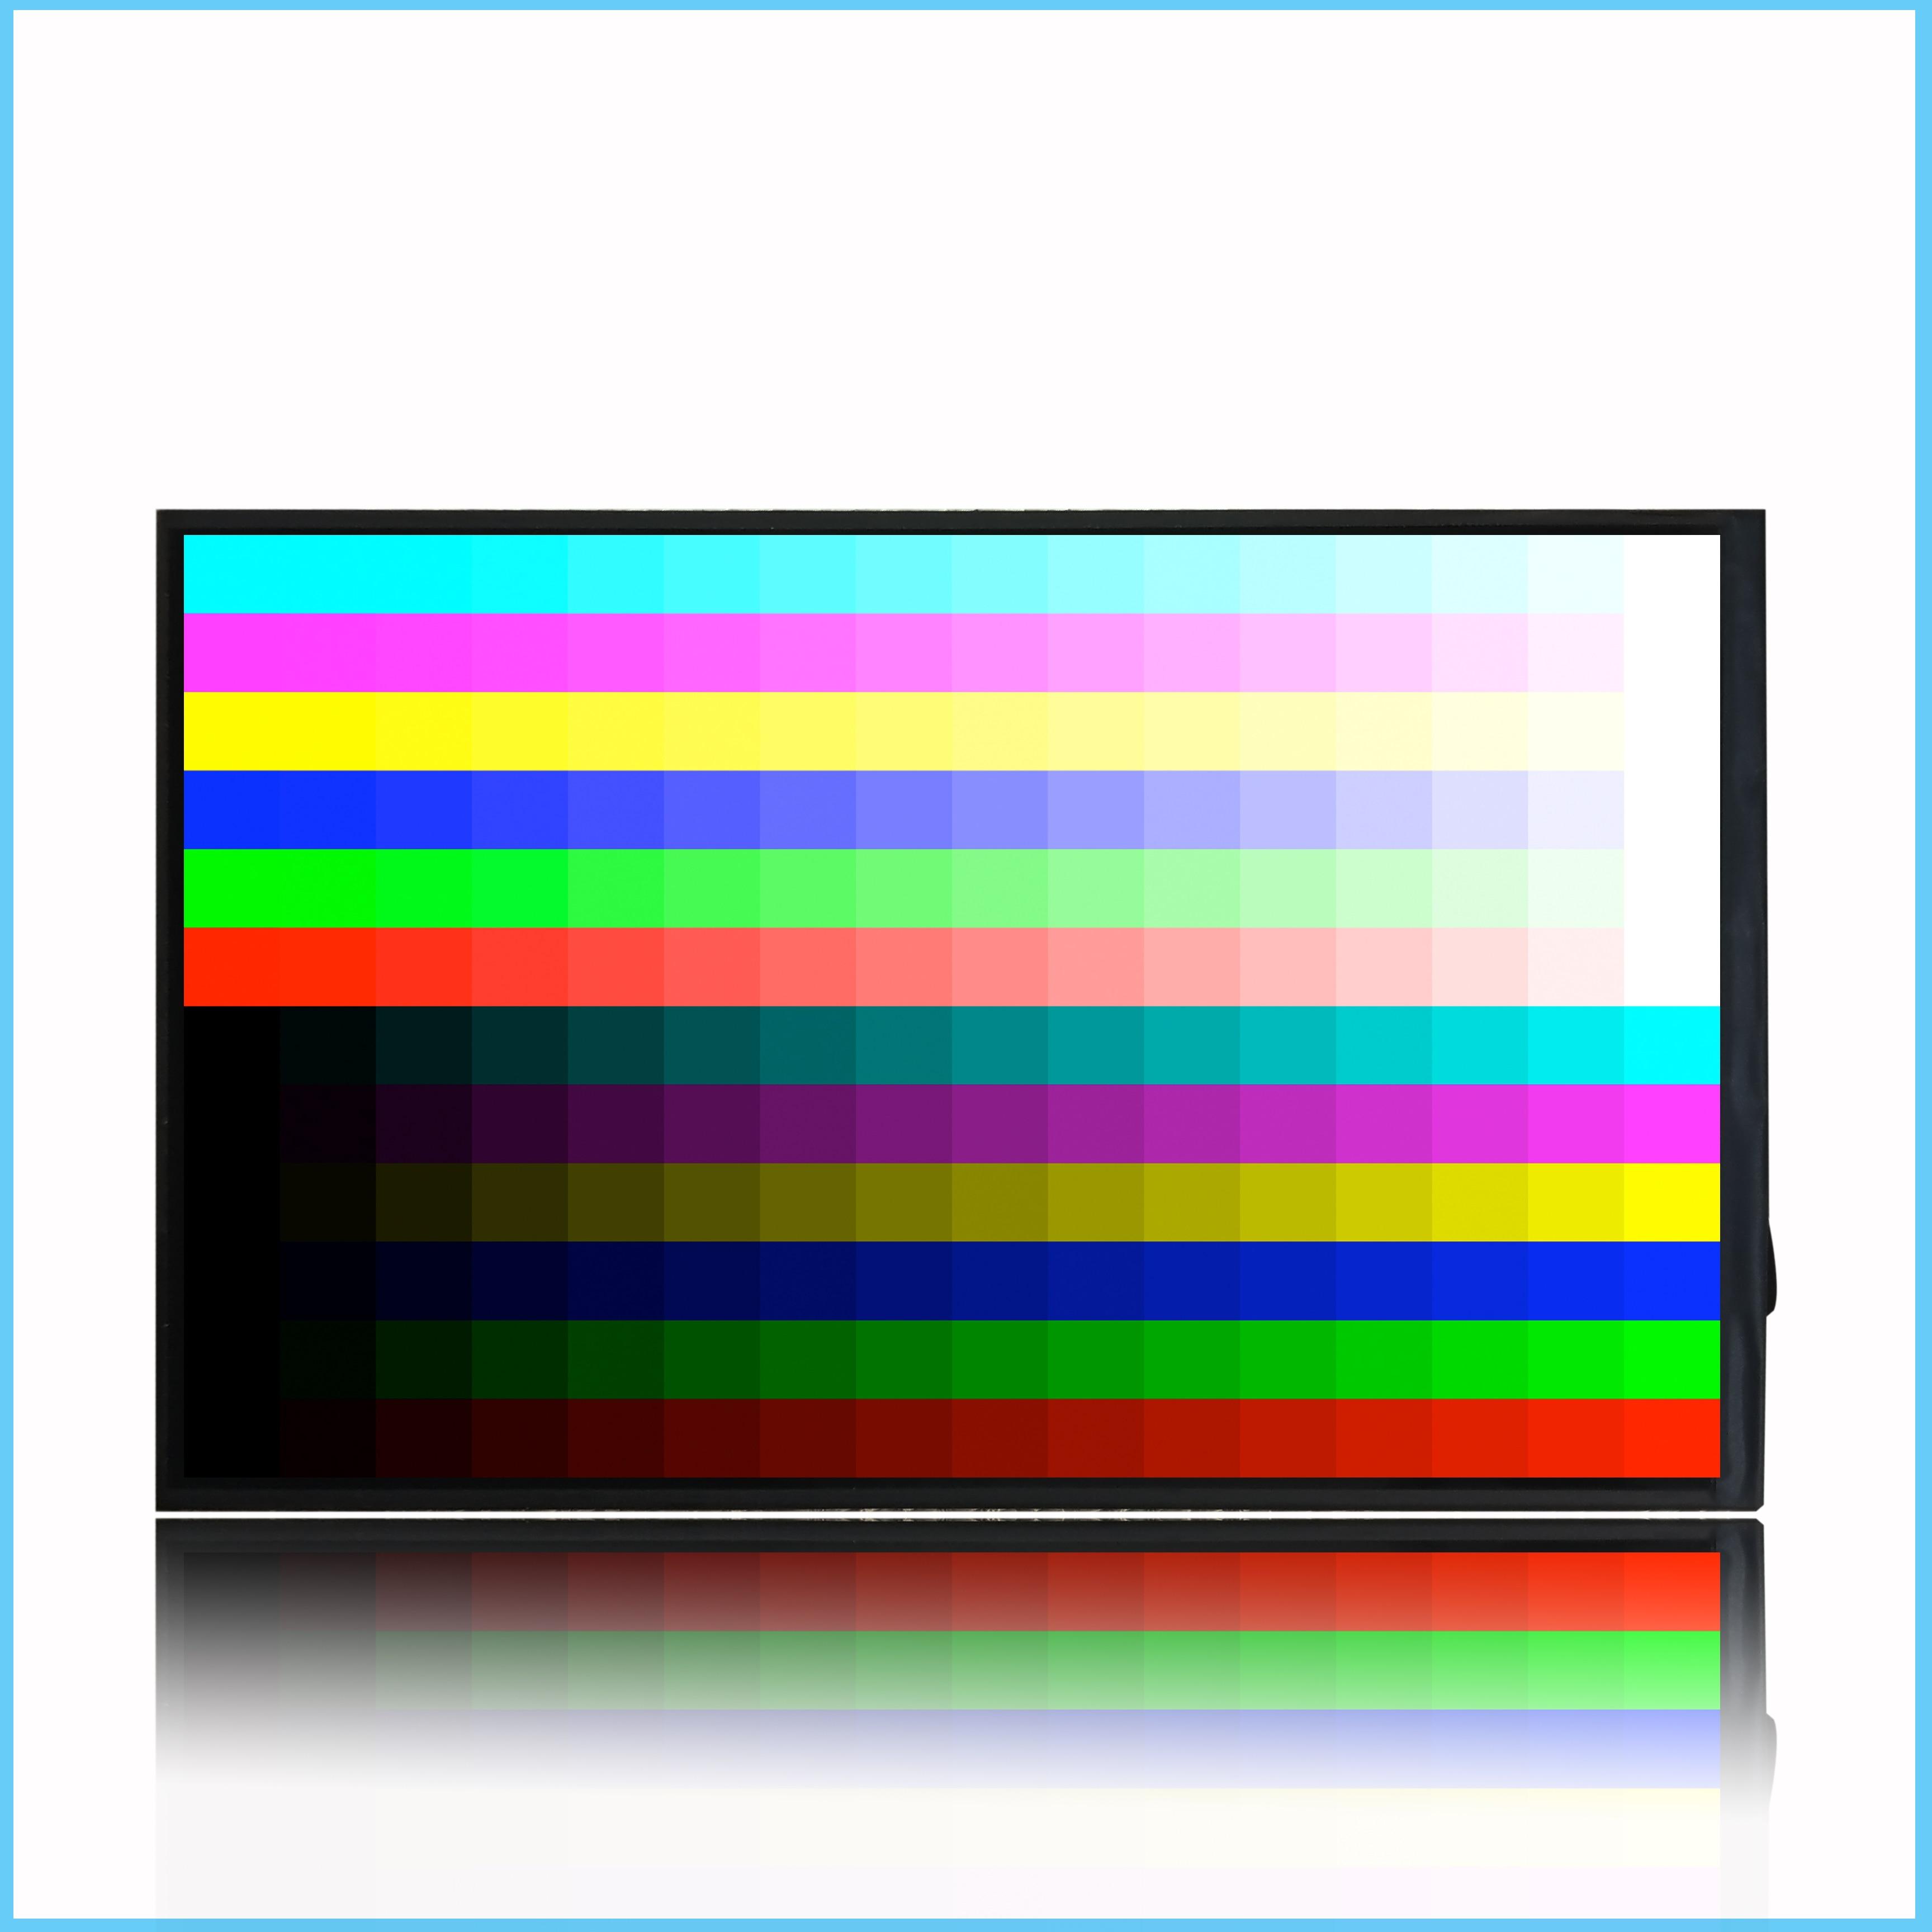 New 10.1inch For ALLDOCUBE CUBE M5 ALLDOCUBE M5 LCD Display